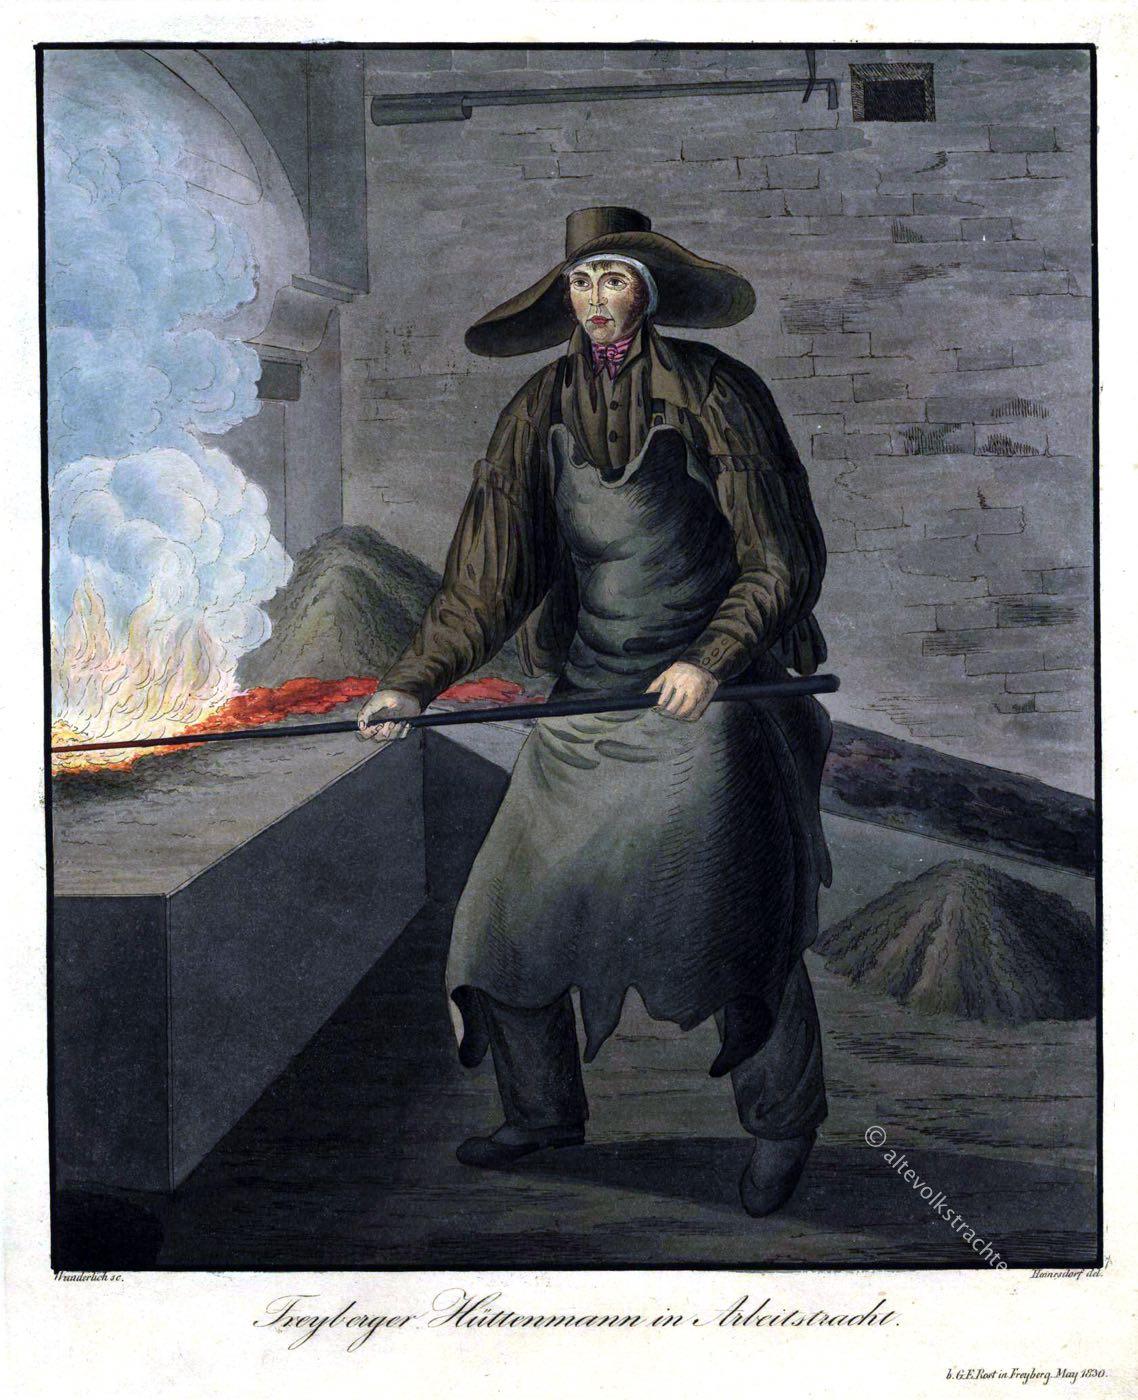 Schmelzherd, Arbeitstracht, Freiberg, Sachsen, Trachten, Bergarbeiter, Bergmann, Hüttenmann,